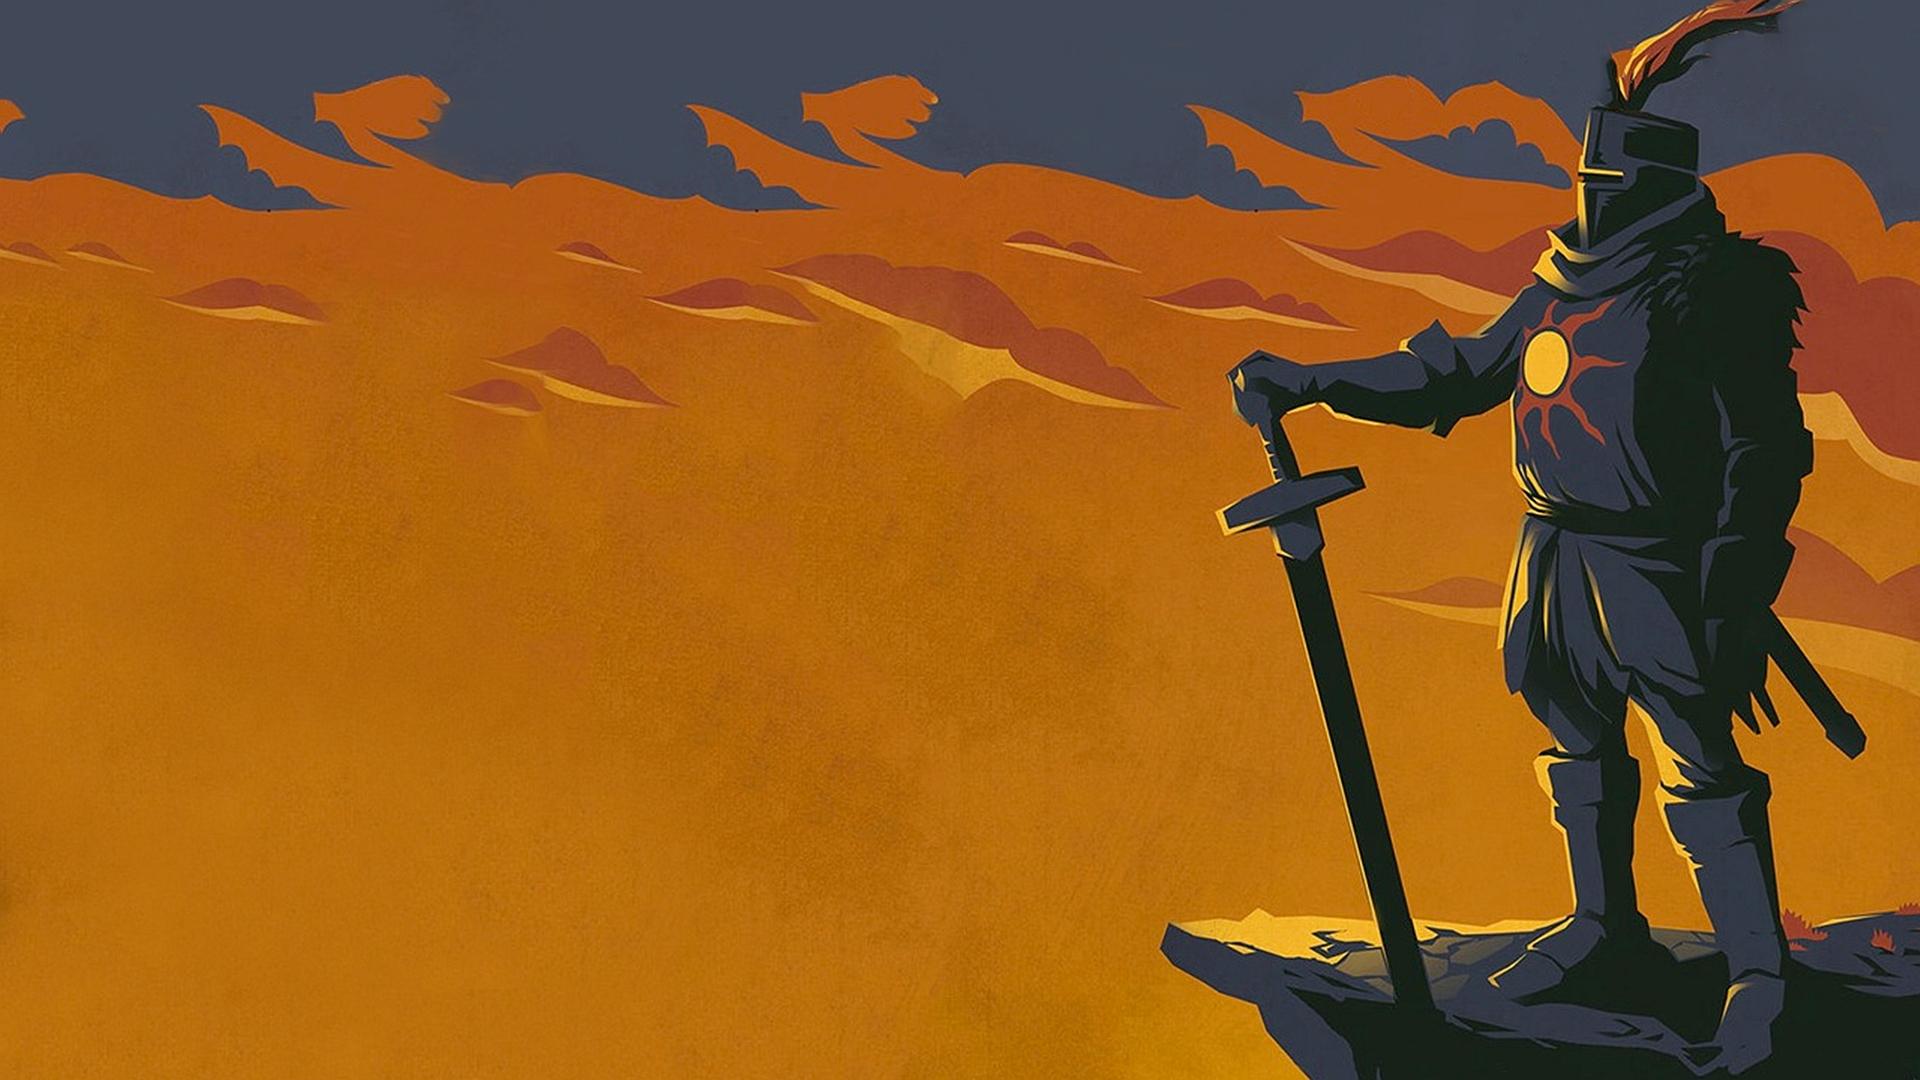 Dark Souls Computer Wallpapers Desktop Backgrounds 1920x1080 ID 1920x1080